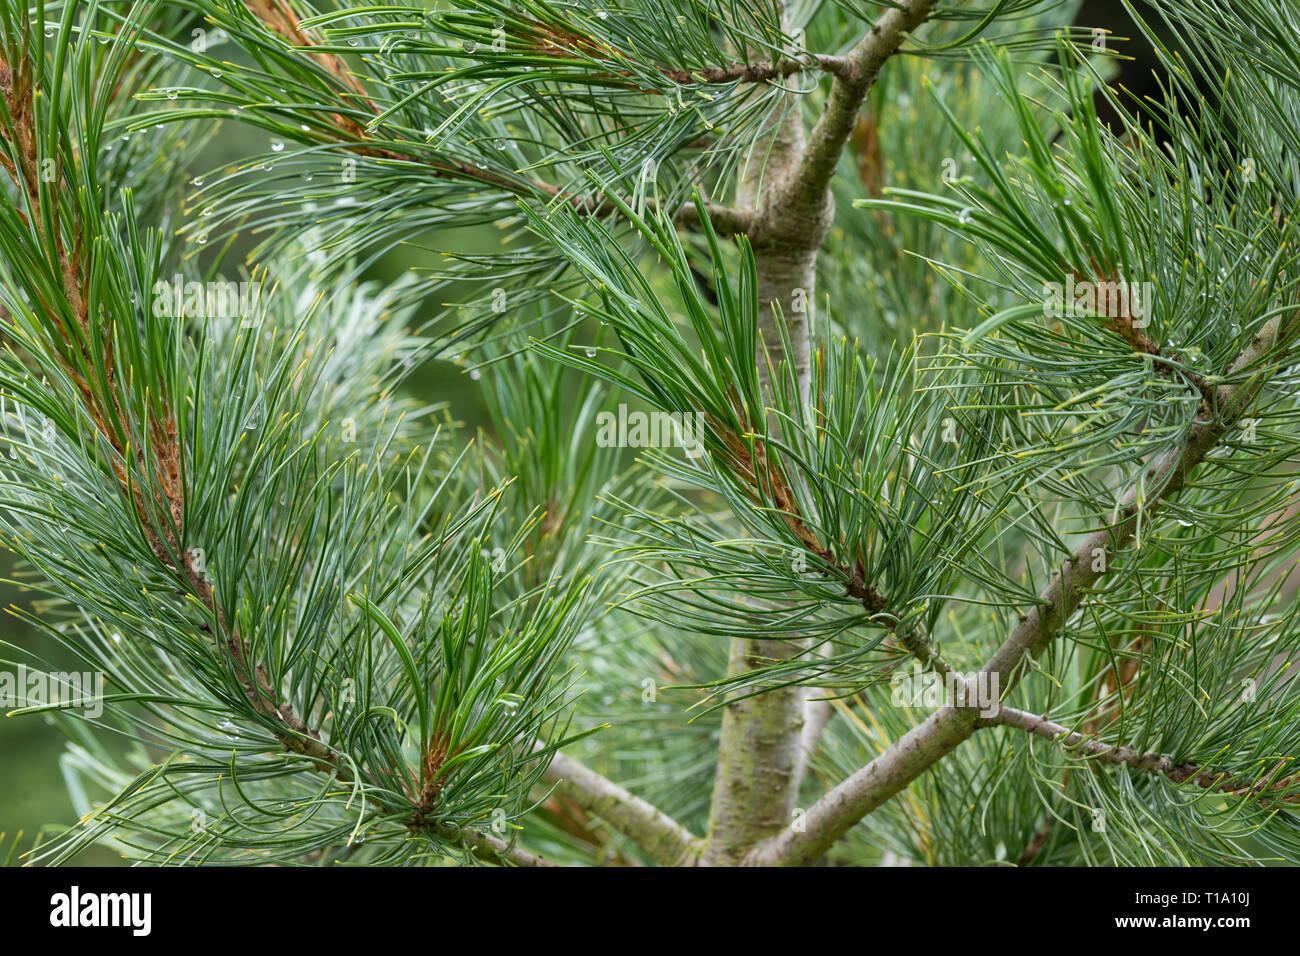 Zirbel Kiefer, Zirbelkiefer, Zirbel, Zirbe, Arve, Pinus